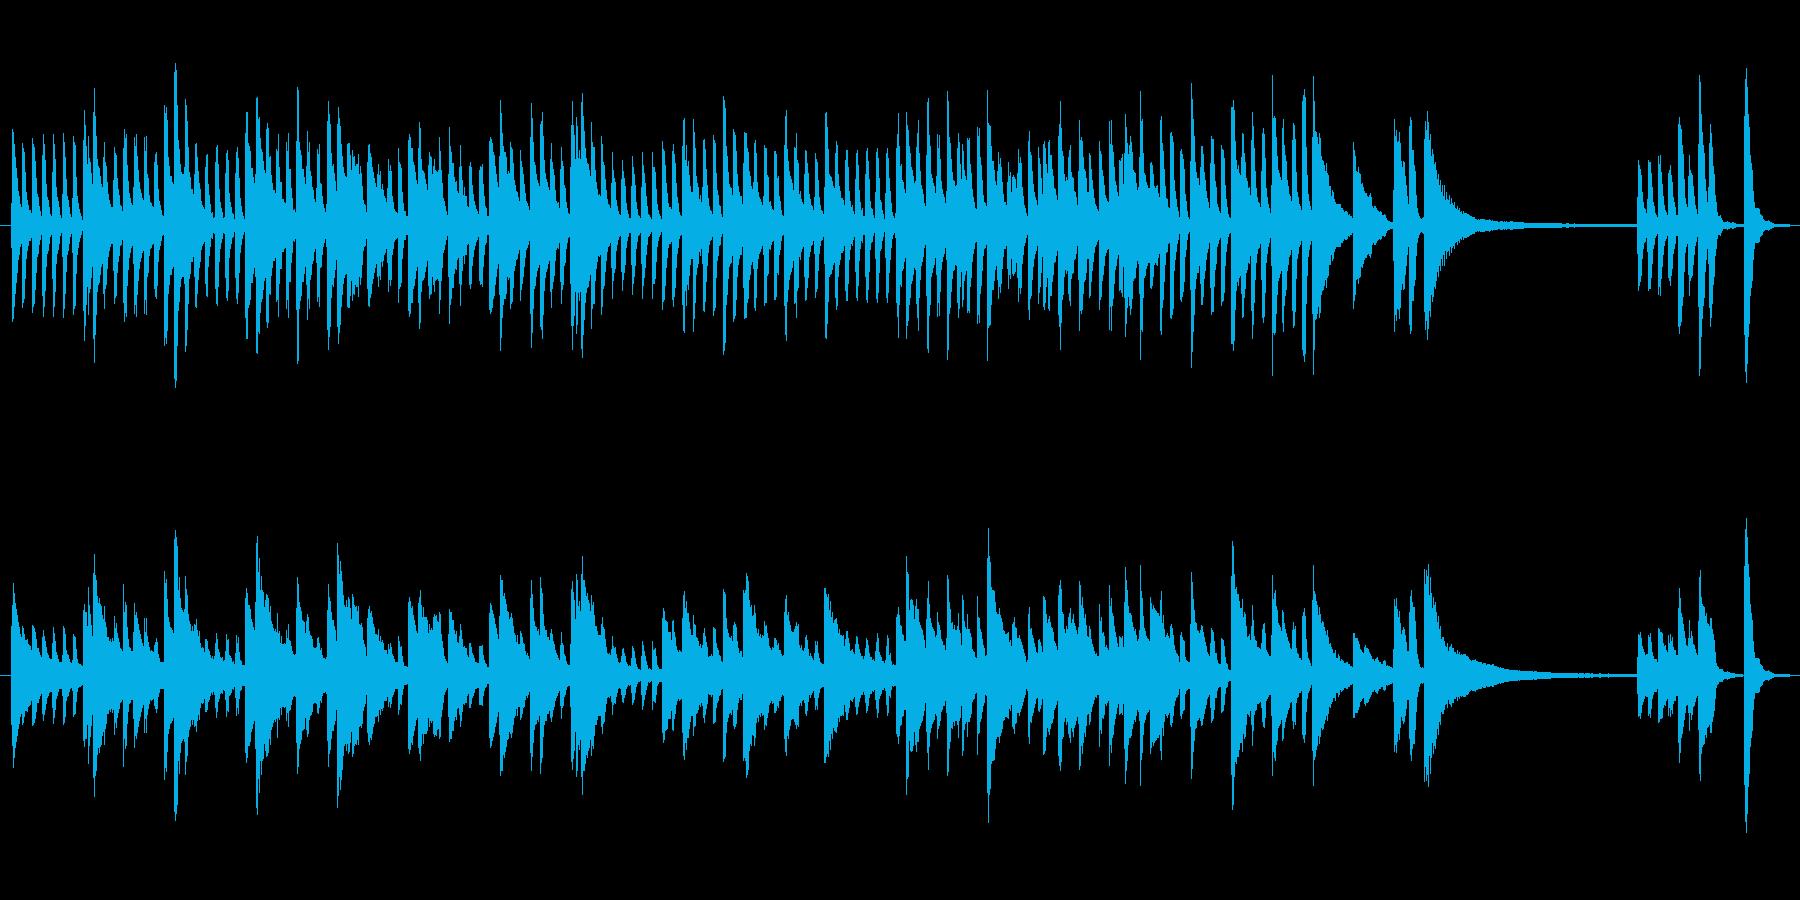 ピアノだけで構成した曲で、落ち着いてい…の再生済みの波形